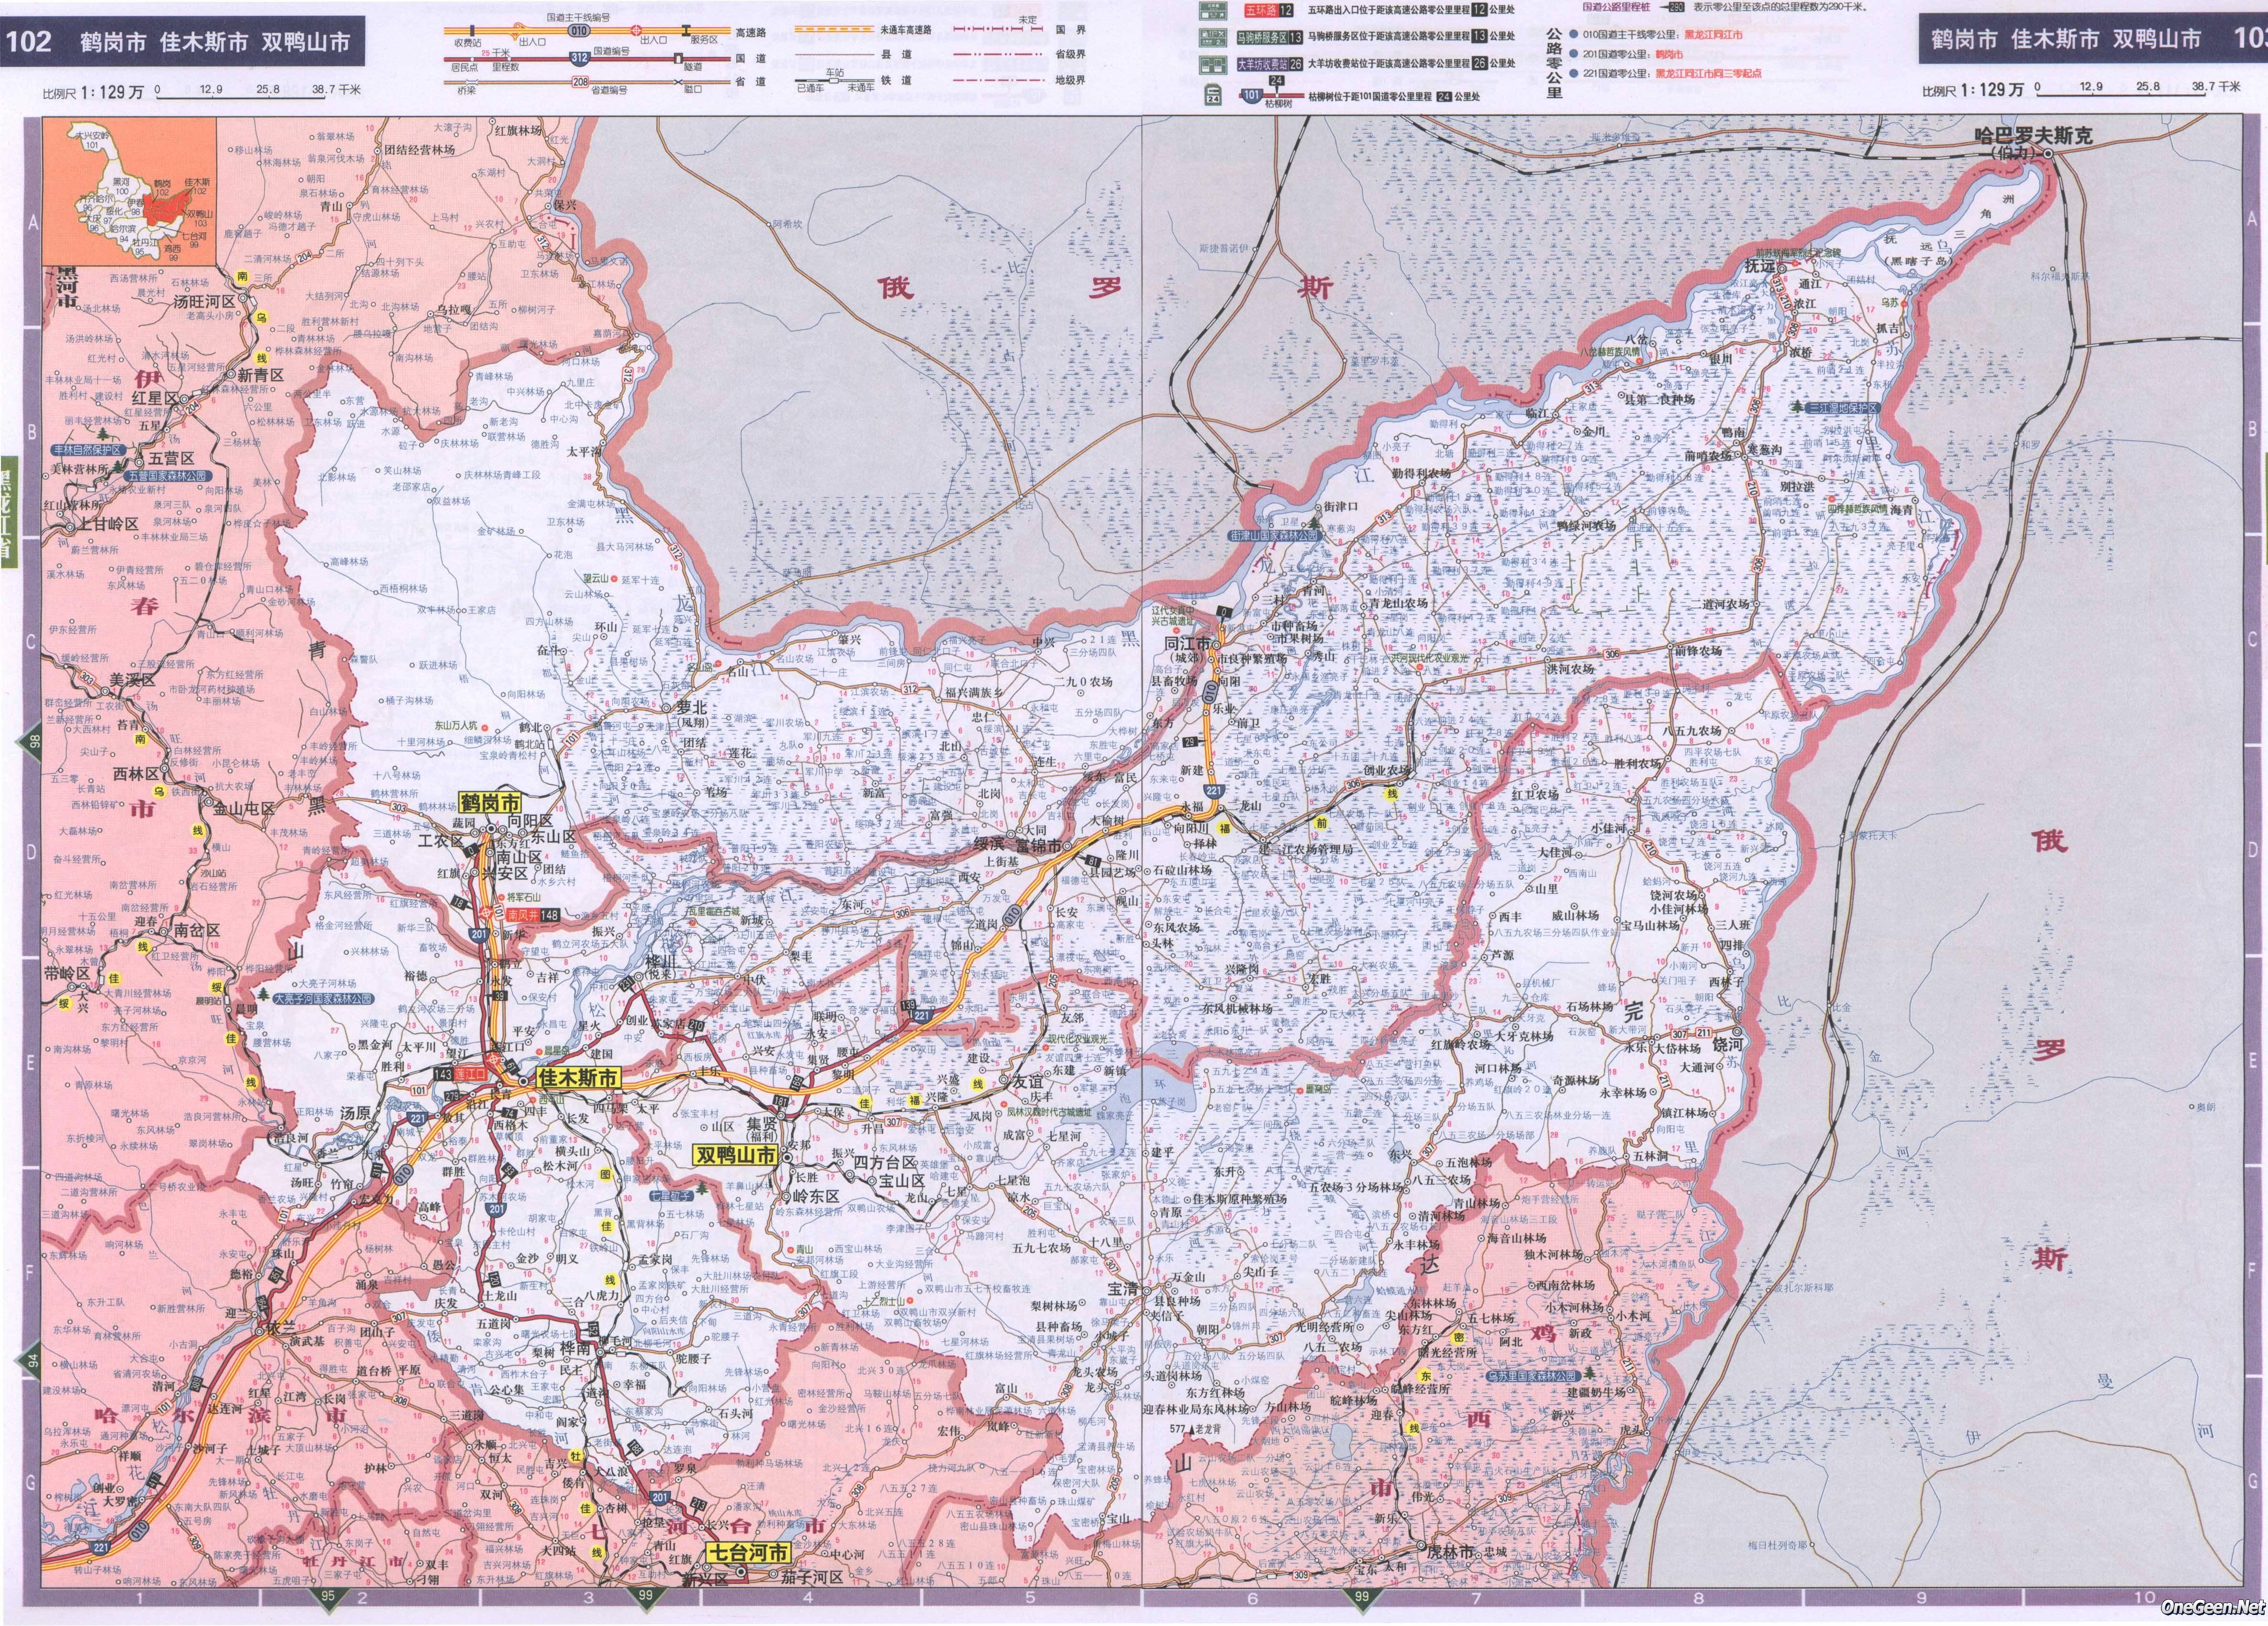 黑龙江鹤岗市佳木斯市双鸭山市交通地图图片